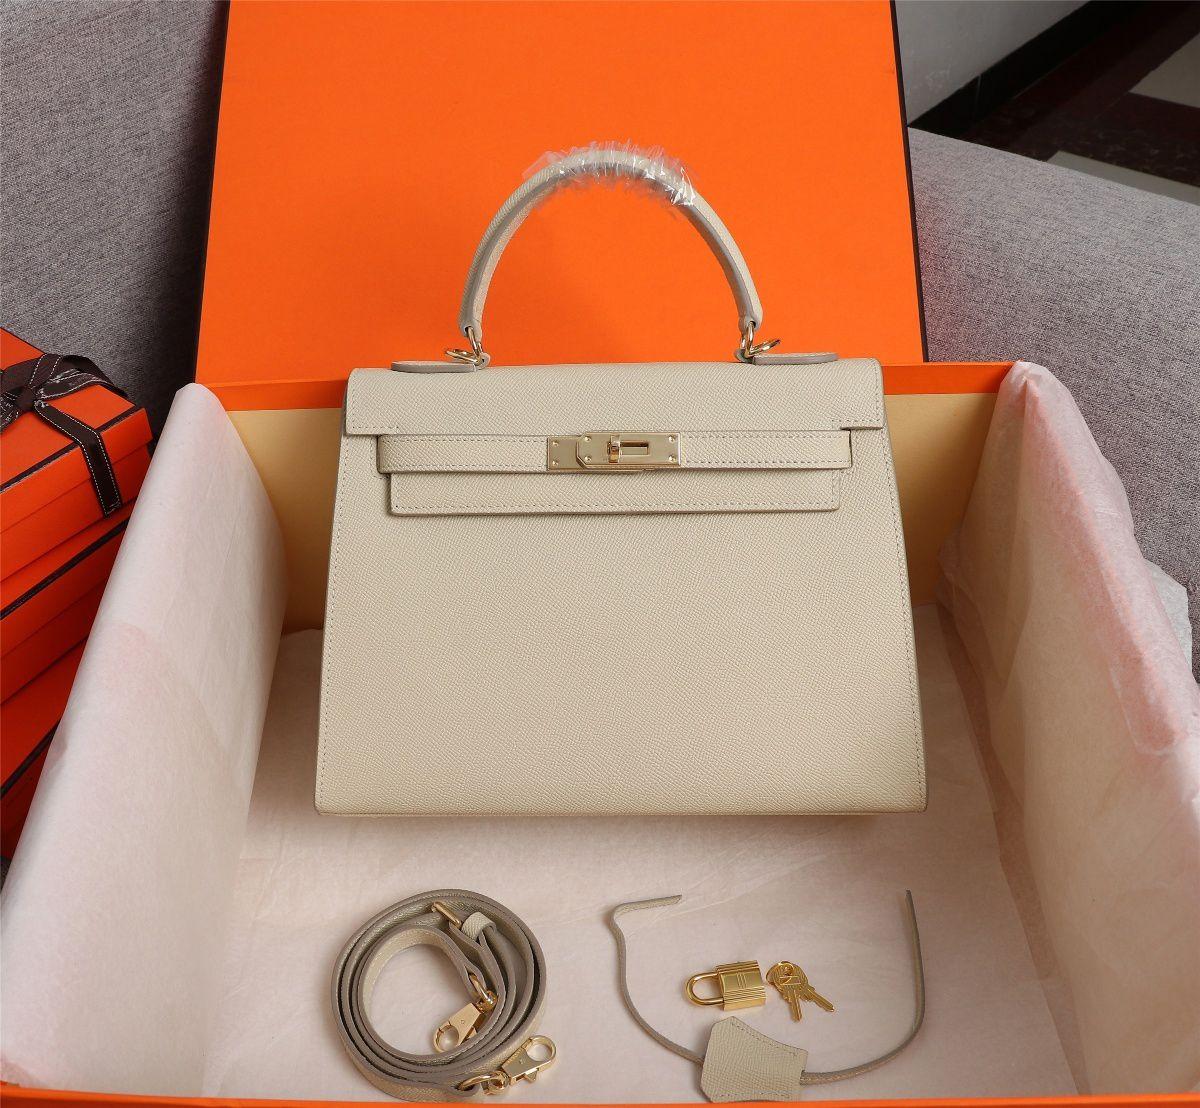 Feminino Clássico Mulheres Tote EspaM Fashion Bags 25cm 28 cm Genuíno couro bolsa de ombro senhora bolsa de alta qualidade fotos reais de alta qualidade